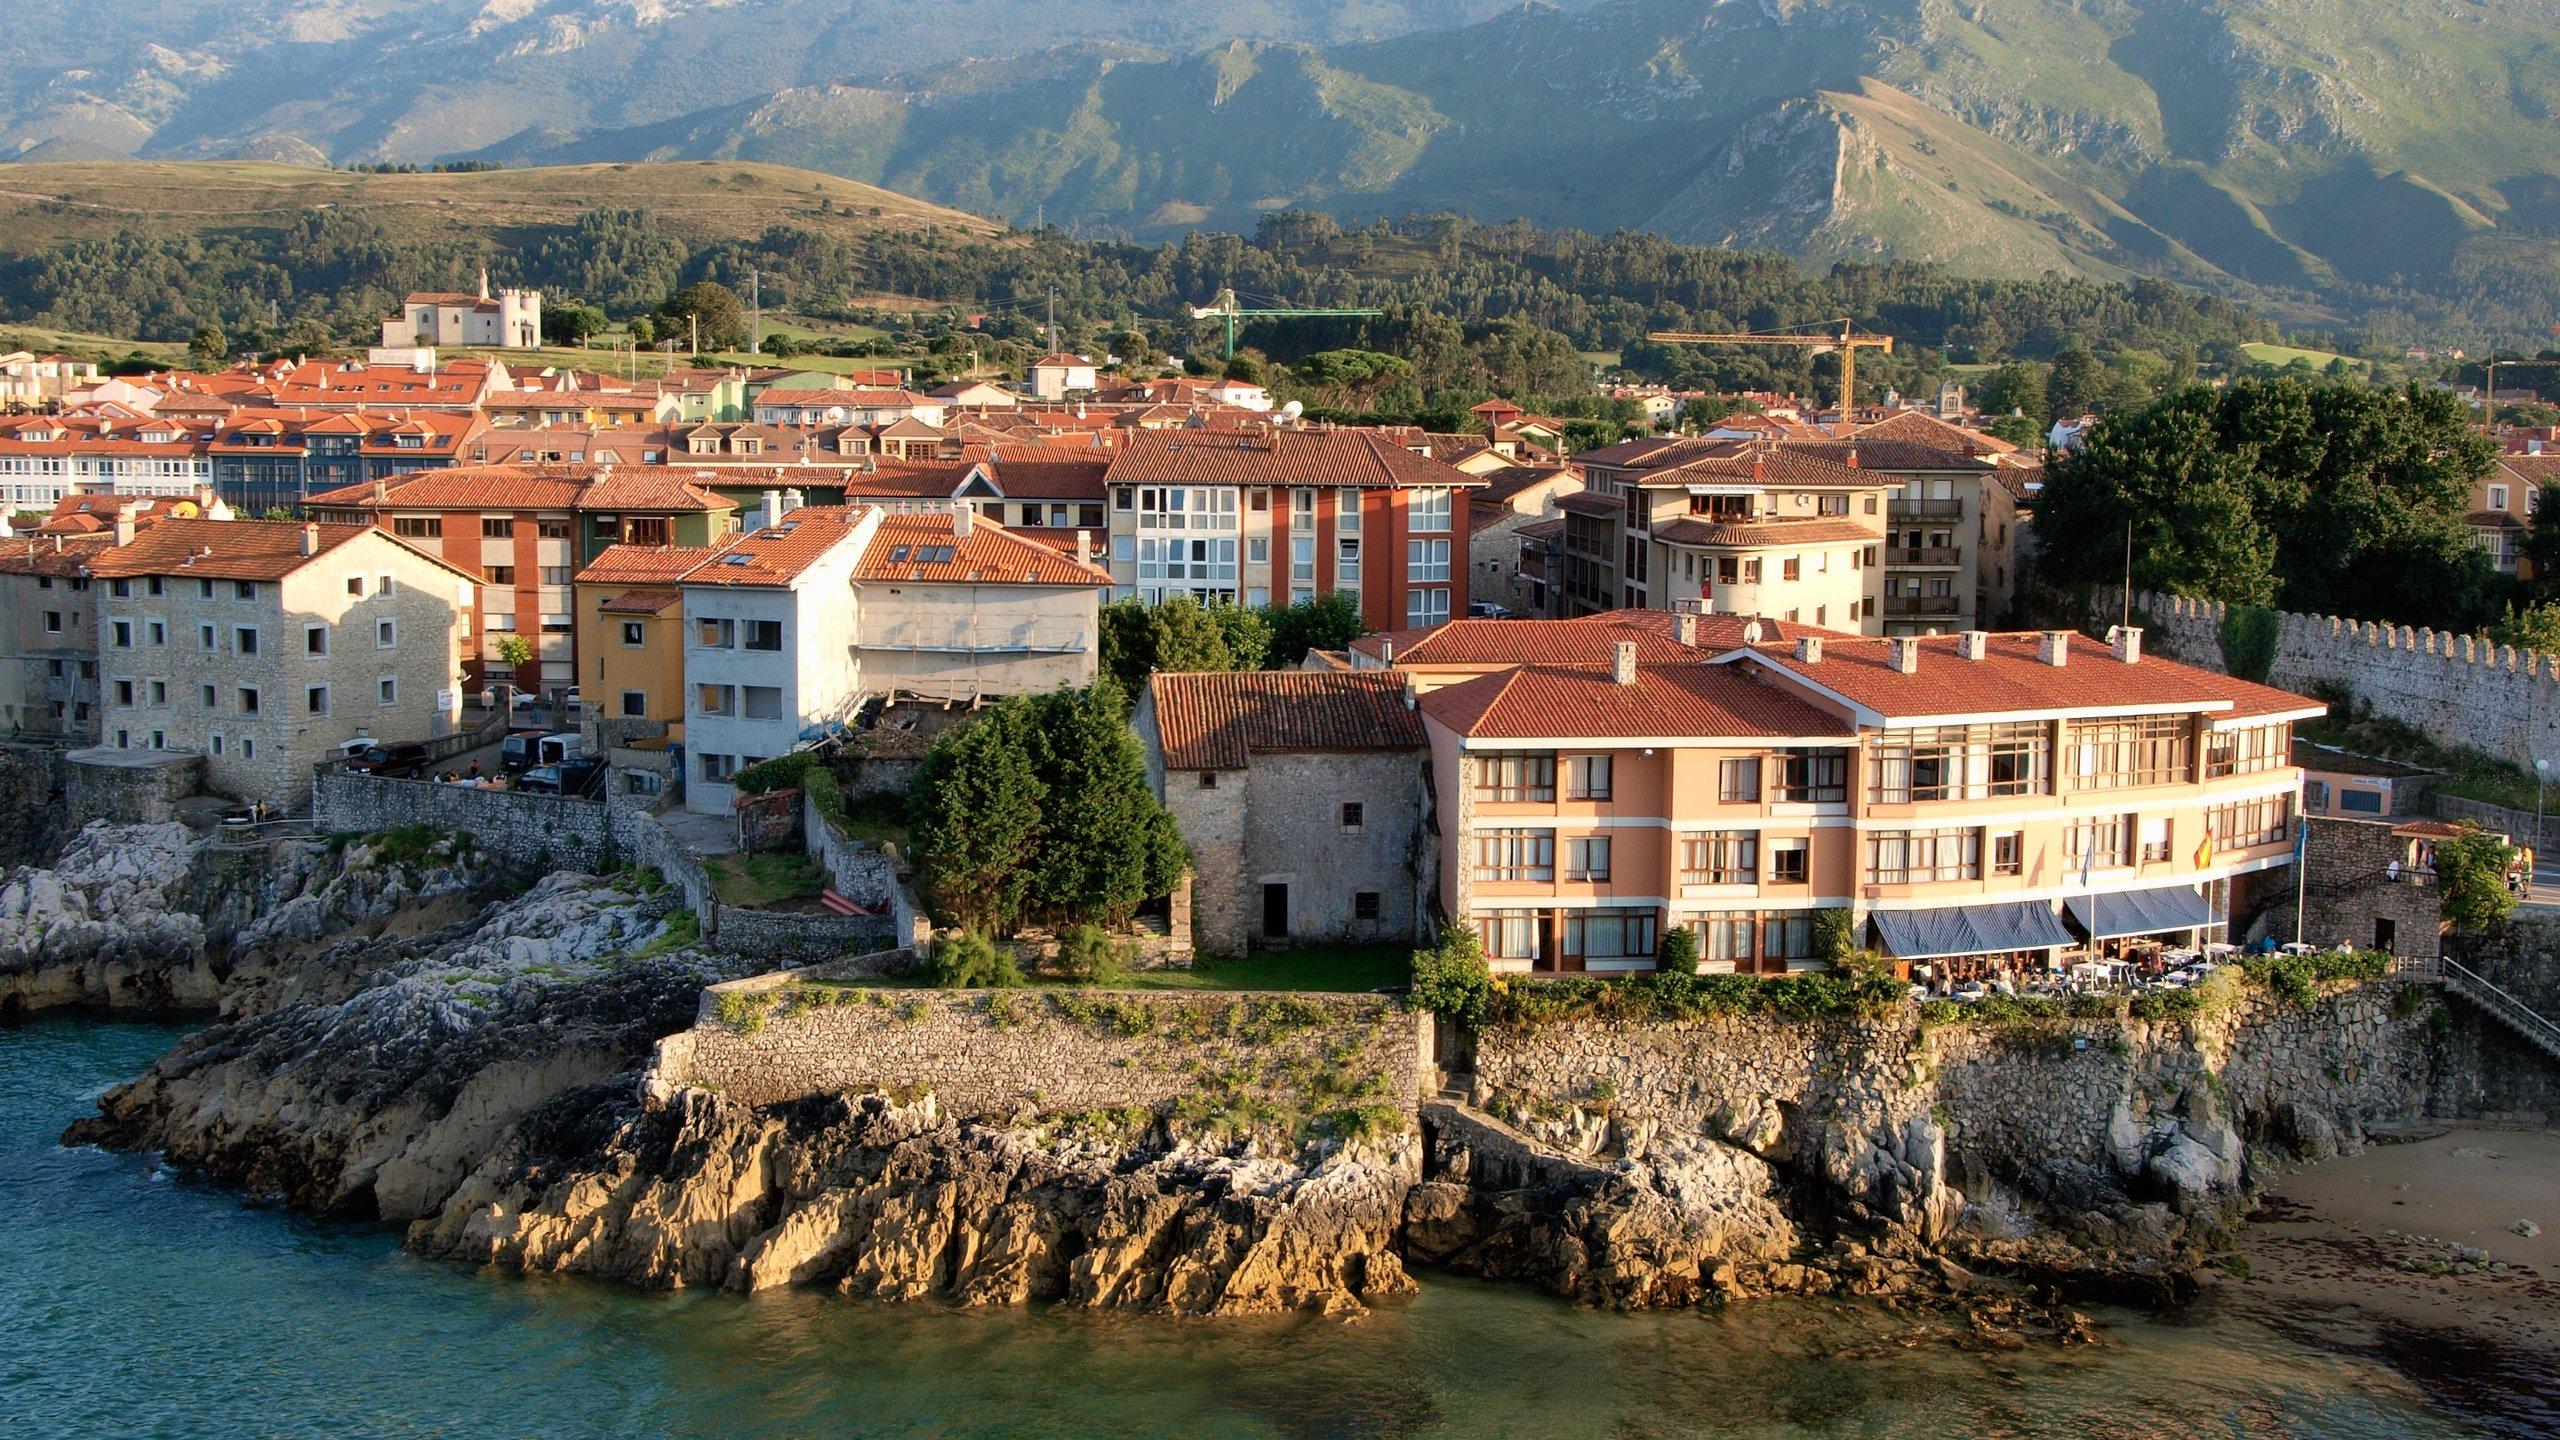 Hoteles Destacados De Llanes En 2021 Cancelación Gratuita En Una Selección De Hoteles Expedia Es